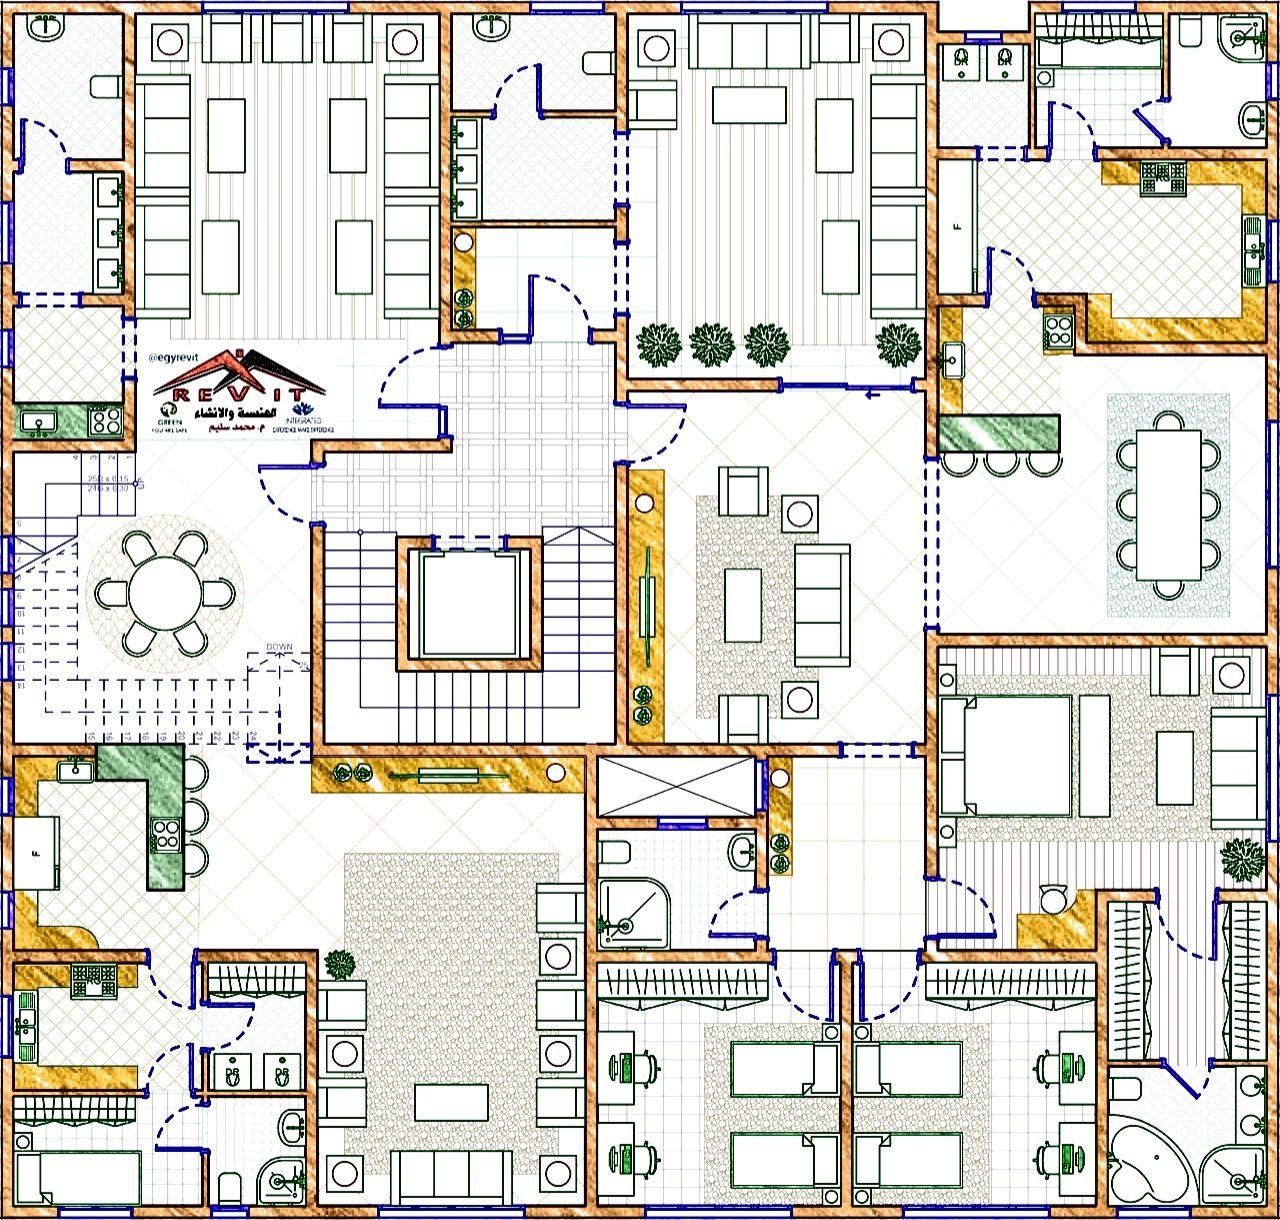 تصميم فيلا مودرن من إيجي ريفت الأول علوي House Plans Design House